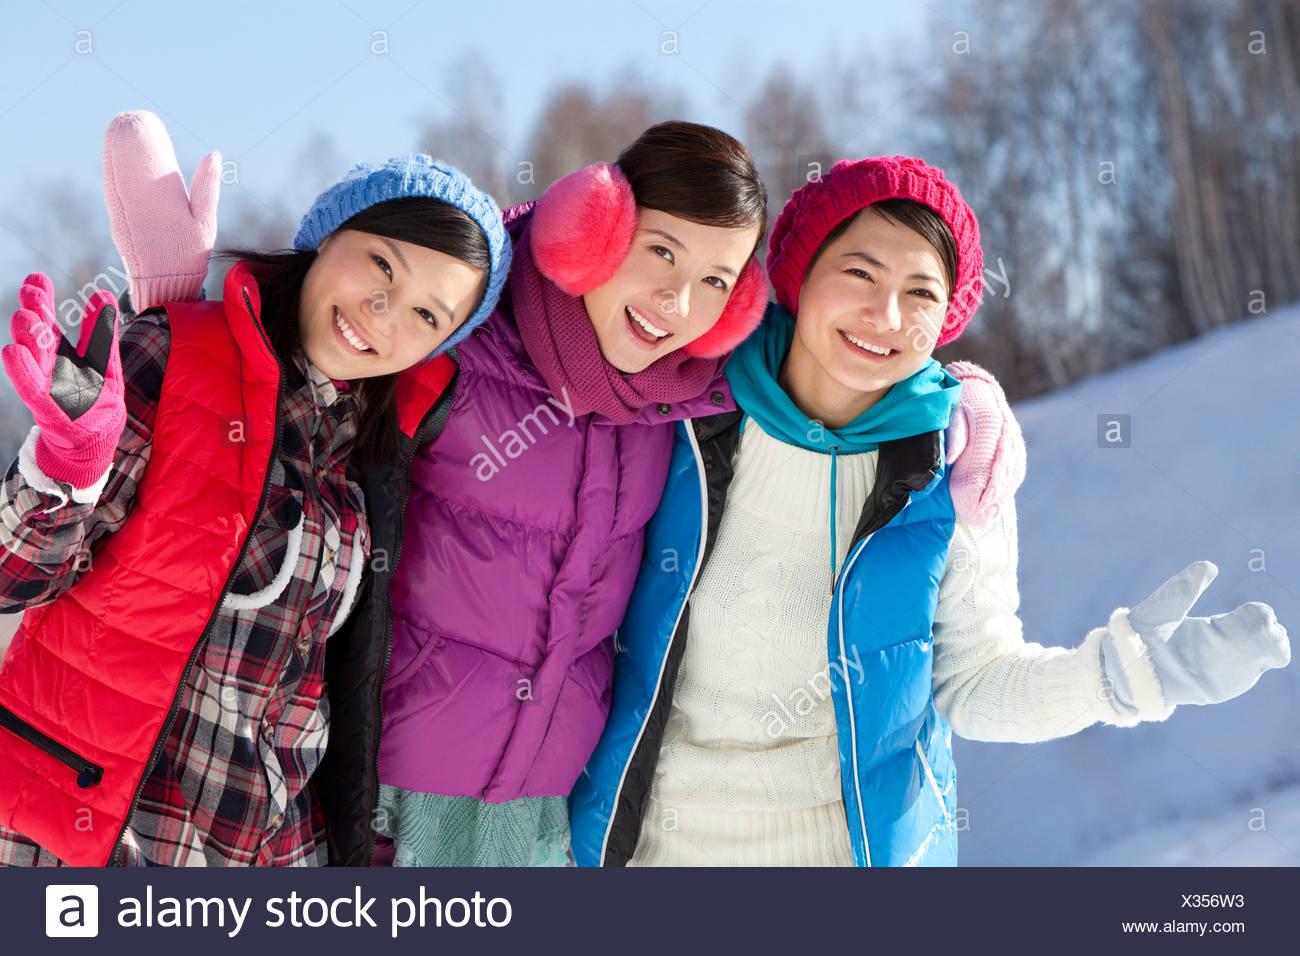 Felice delle giovani donne in ski resort Immagini Stock